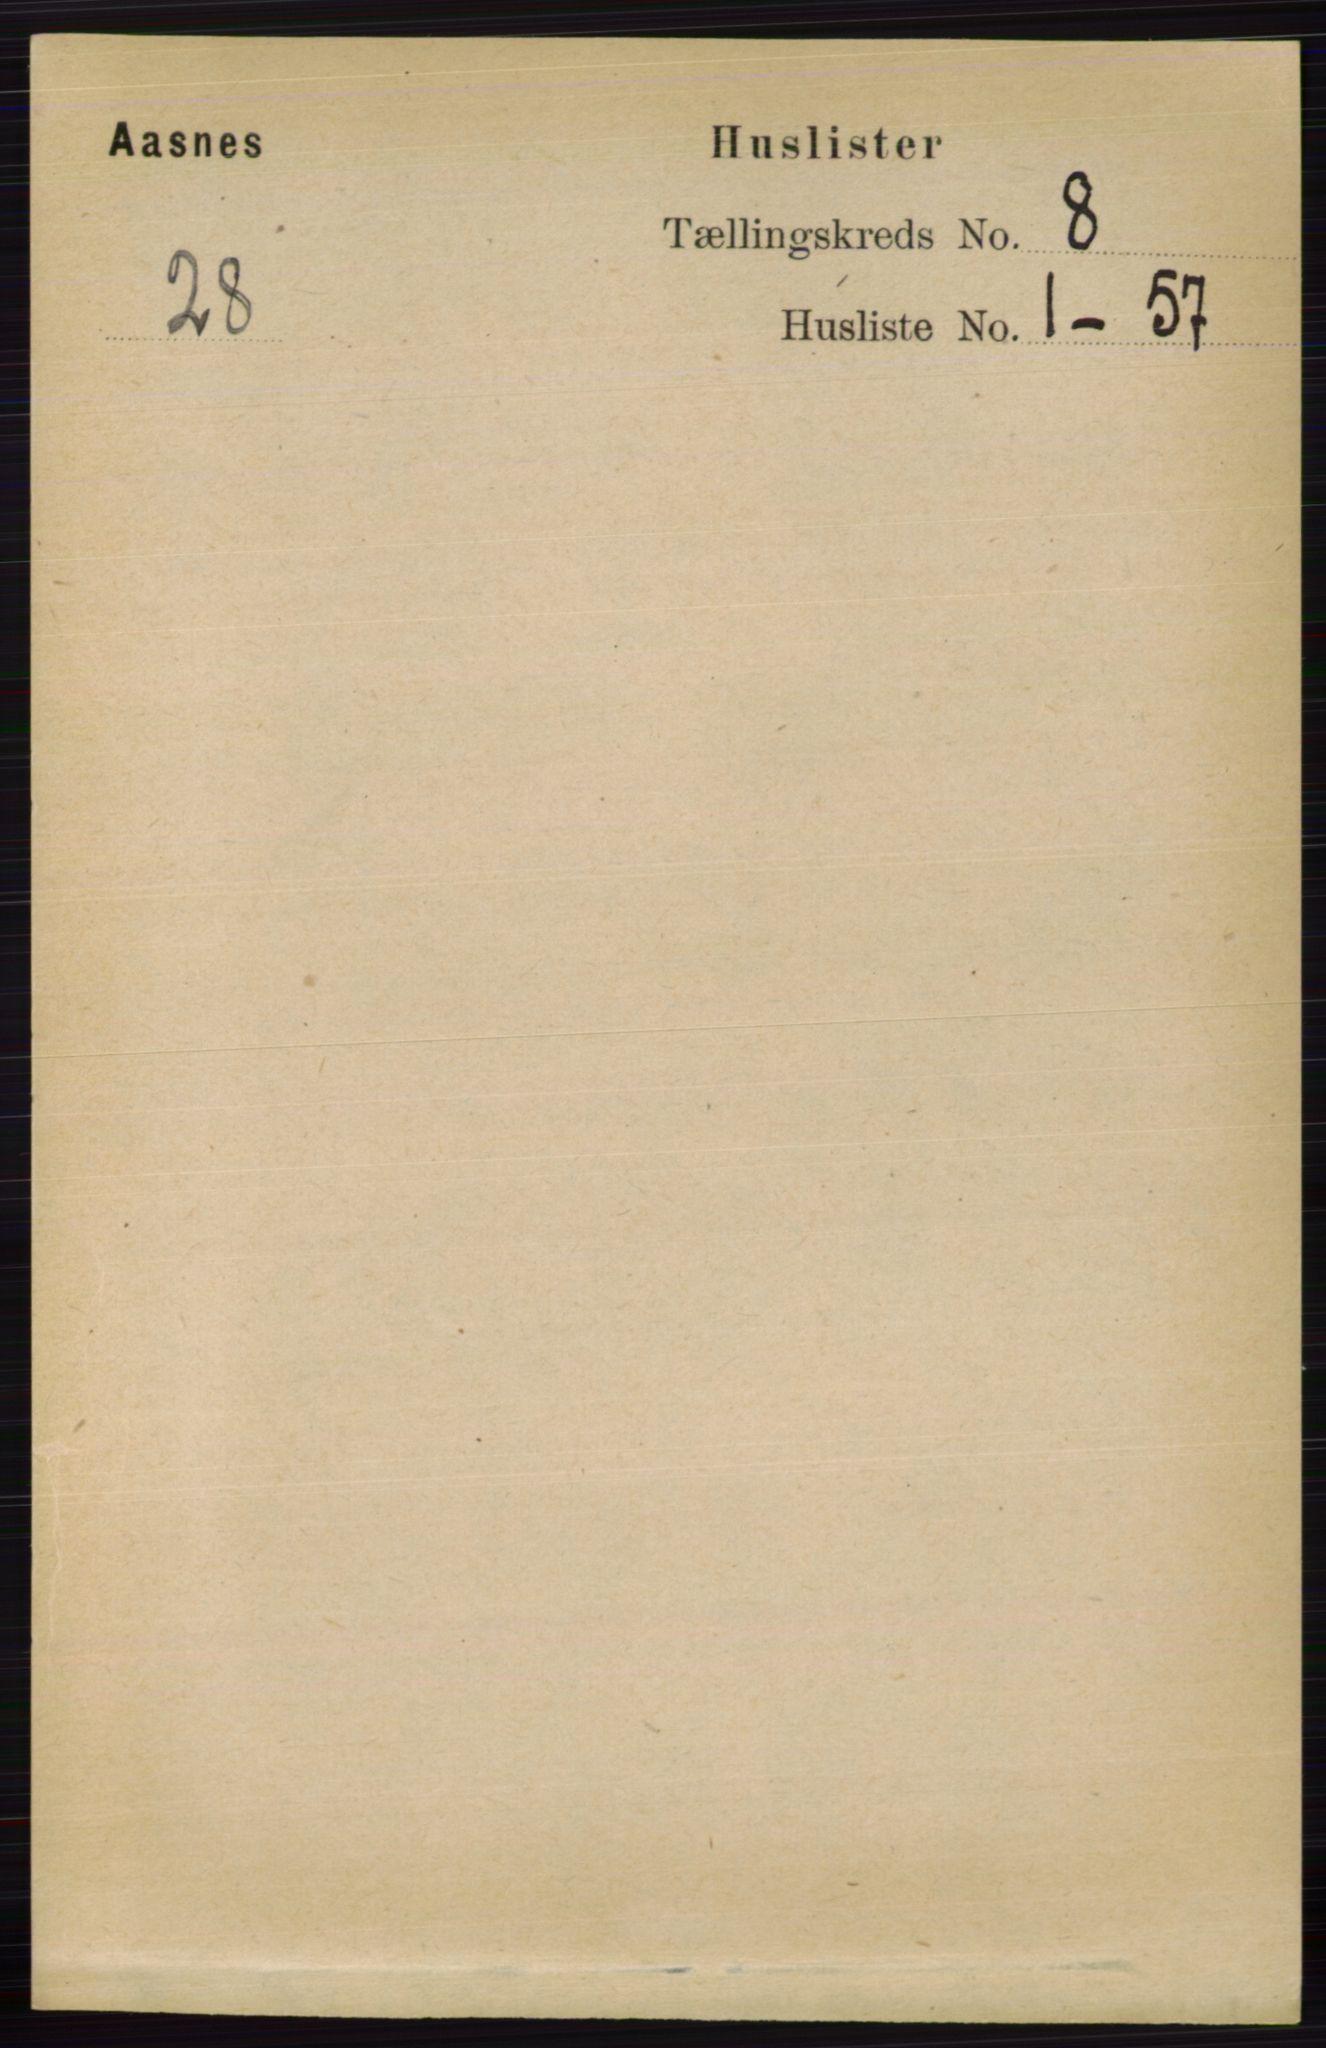 RA, Folketelling 1891 for 0425 Åsnes herred, 1891, s. 4117